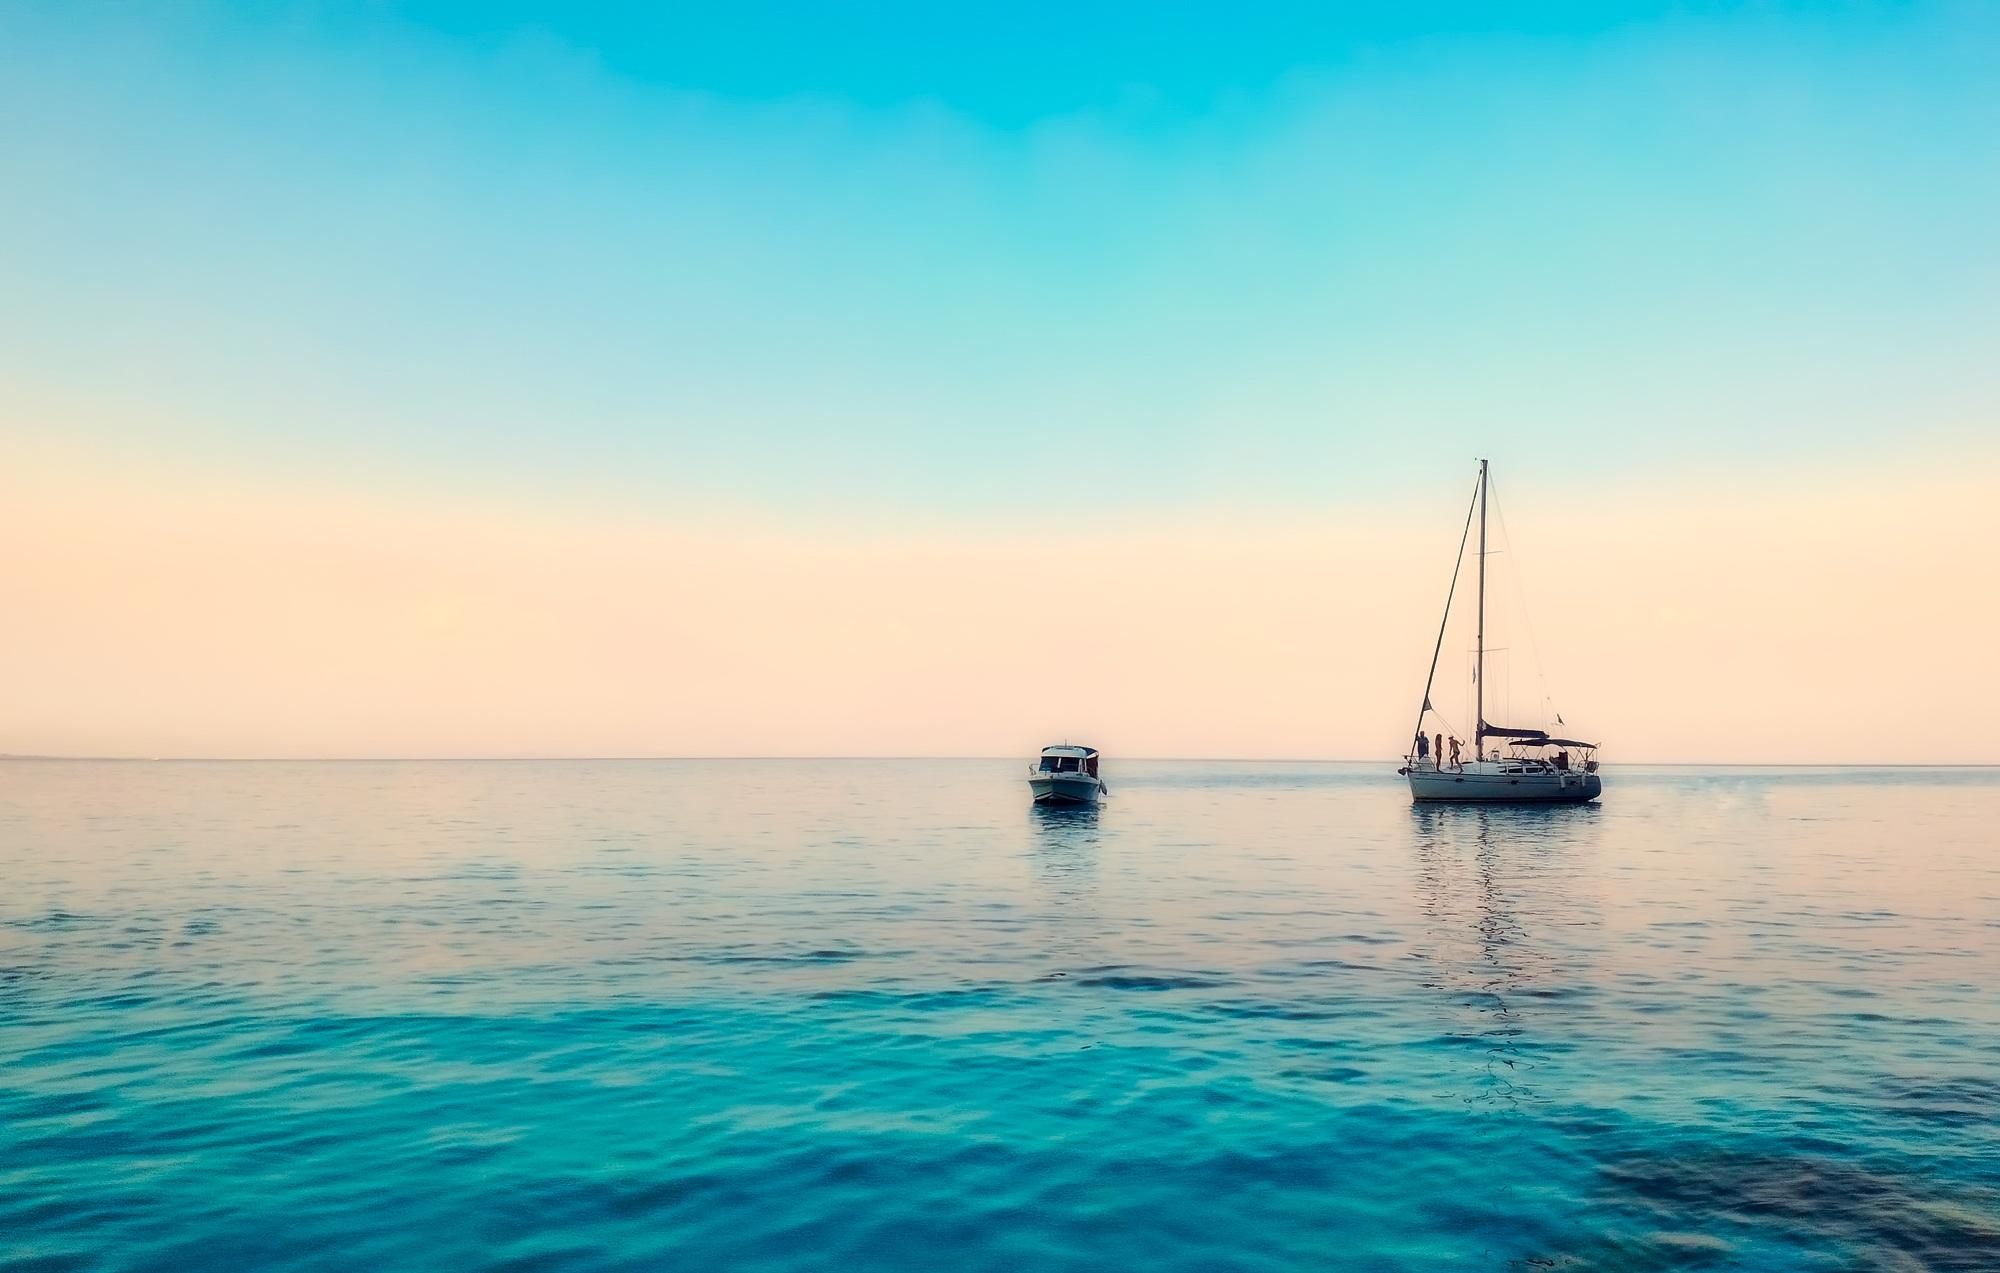 Vente location et achat de bateaux Jeanneau a Marseille Cannes-Nice Saint-tropez Monaco.jpg